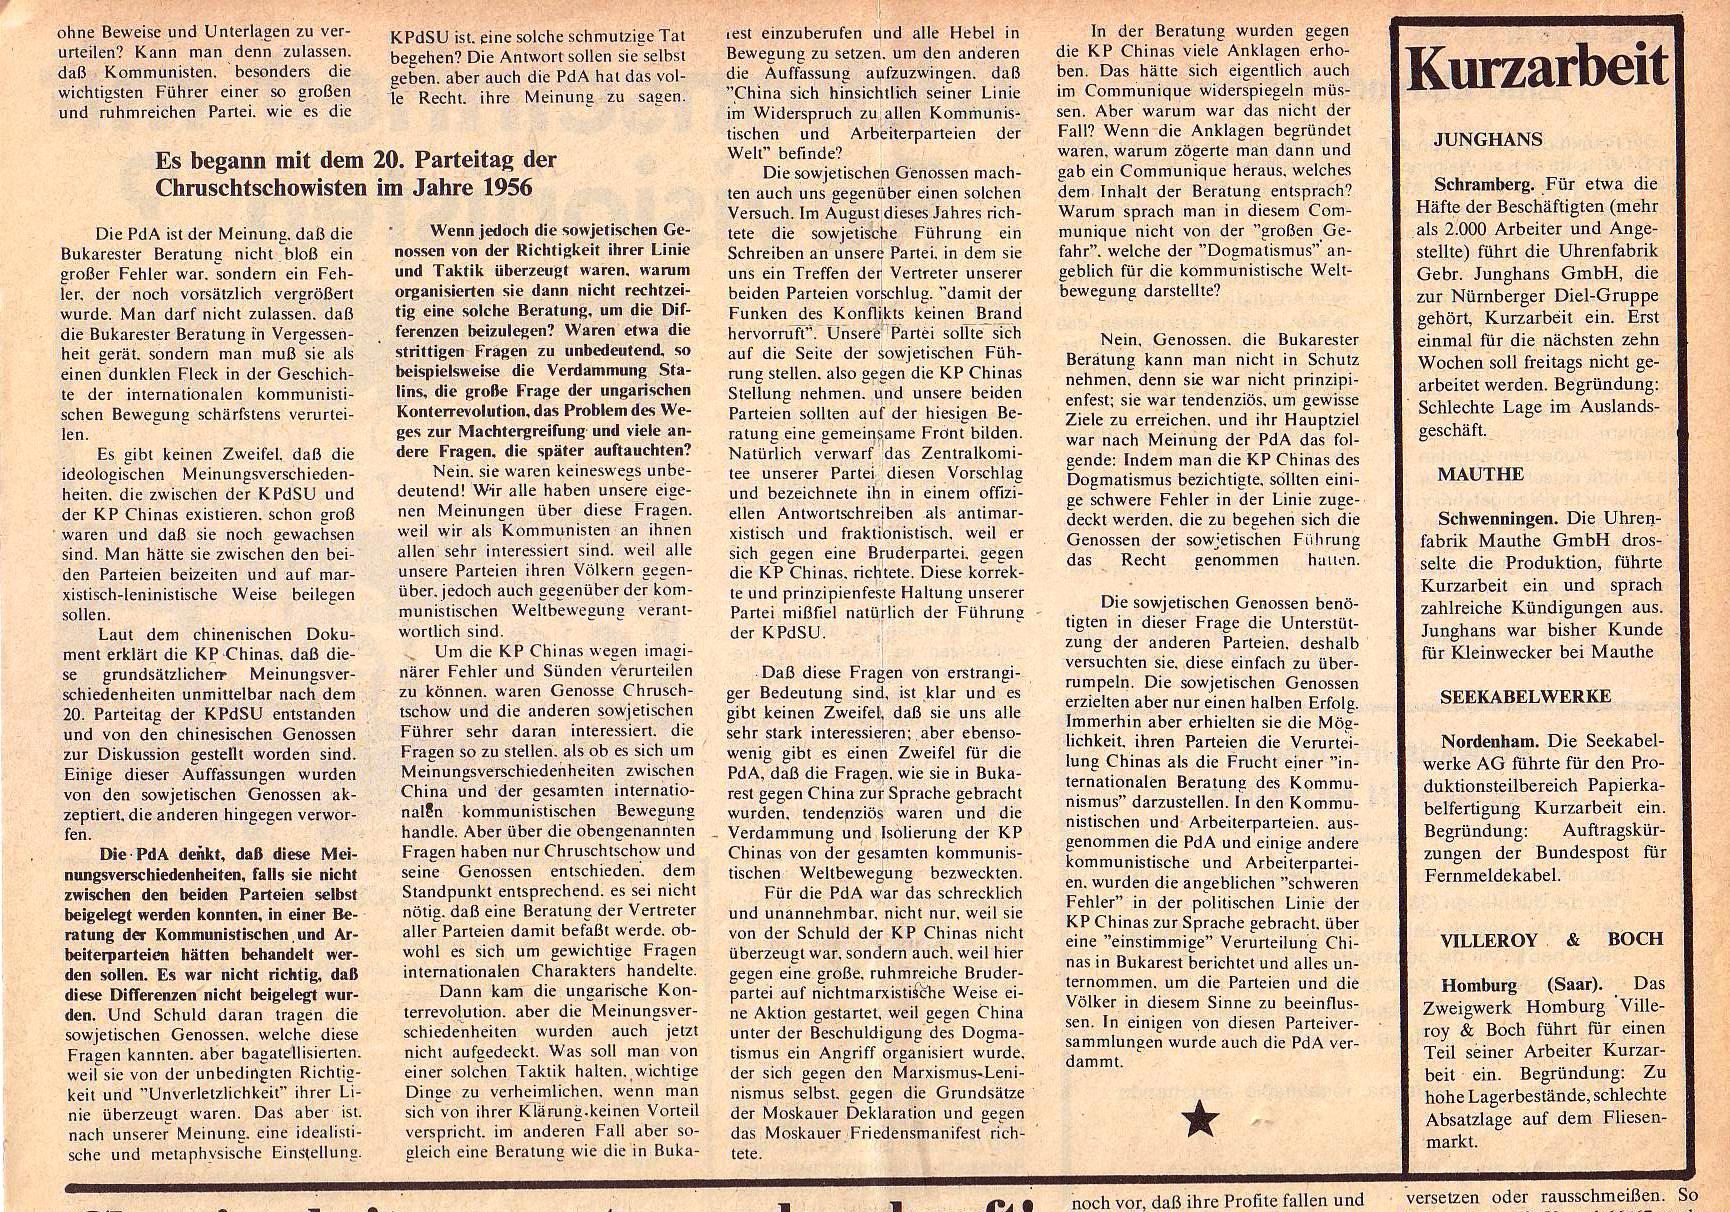 Roter Morgen, 5. Jg., Februar 1971, Nr. 2, Seite 5a